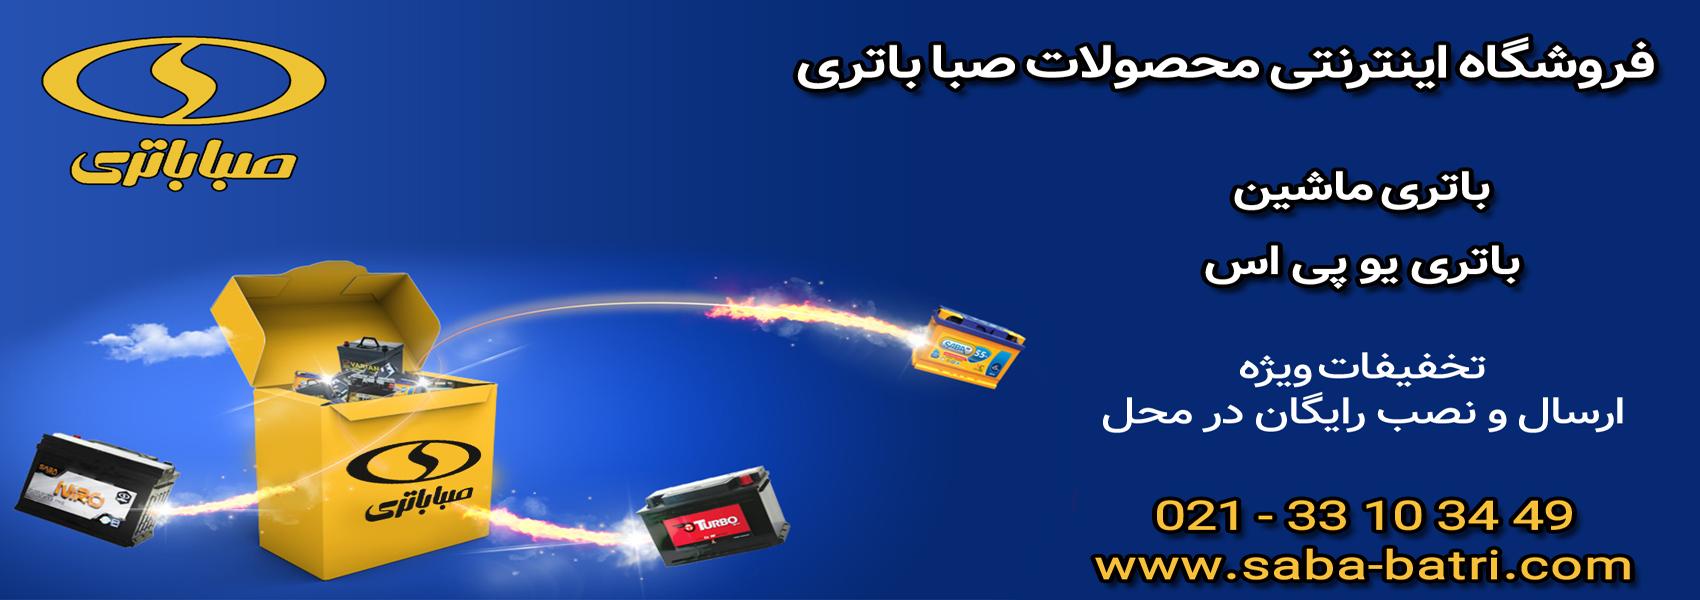 باتری ups صبا باتری-امداد باتری آسان